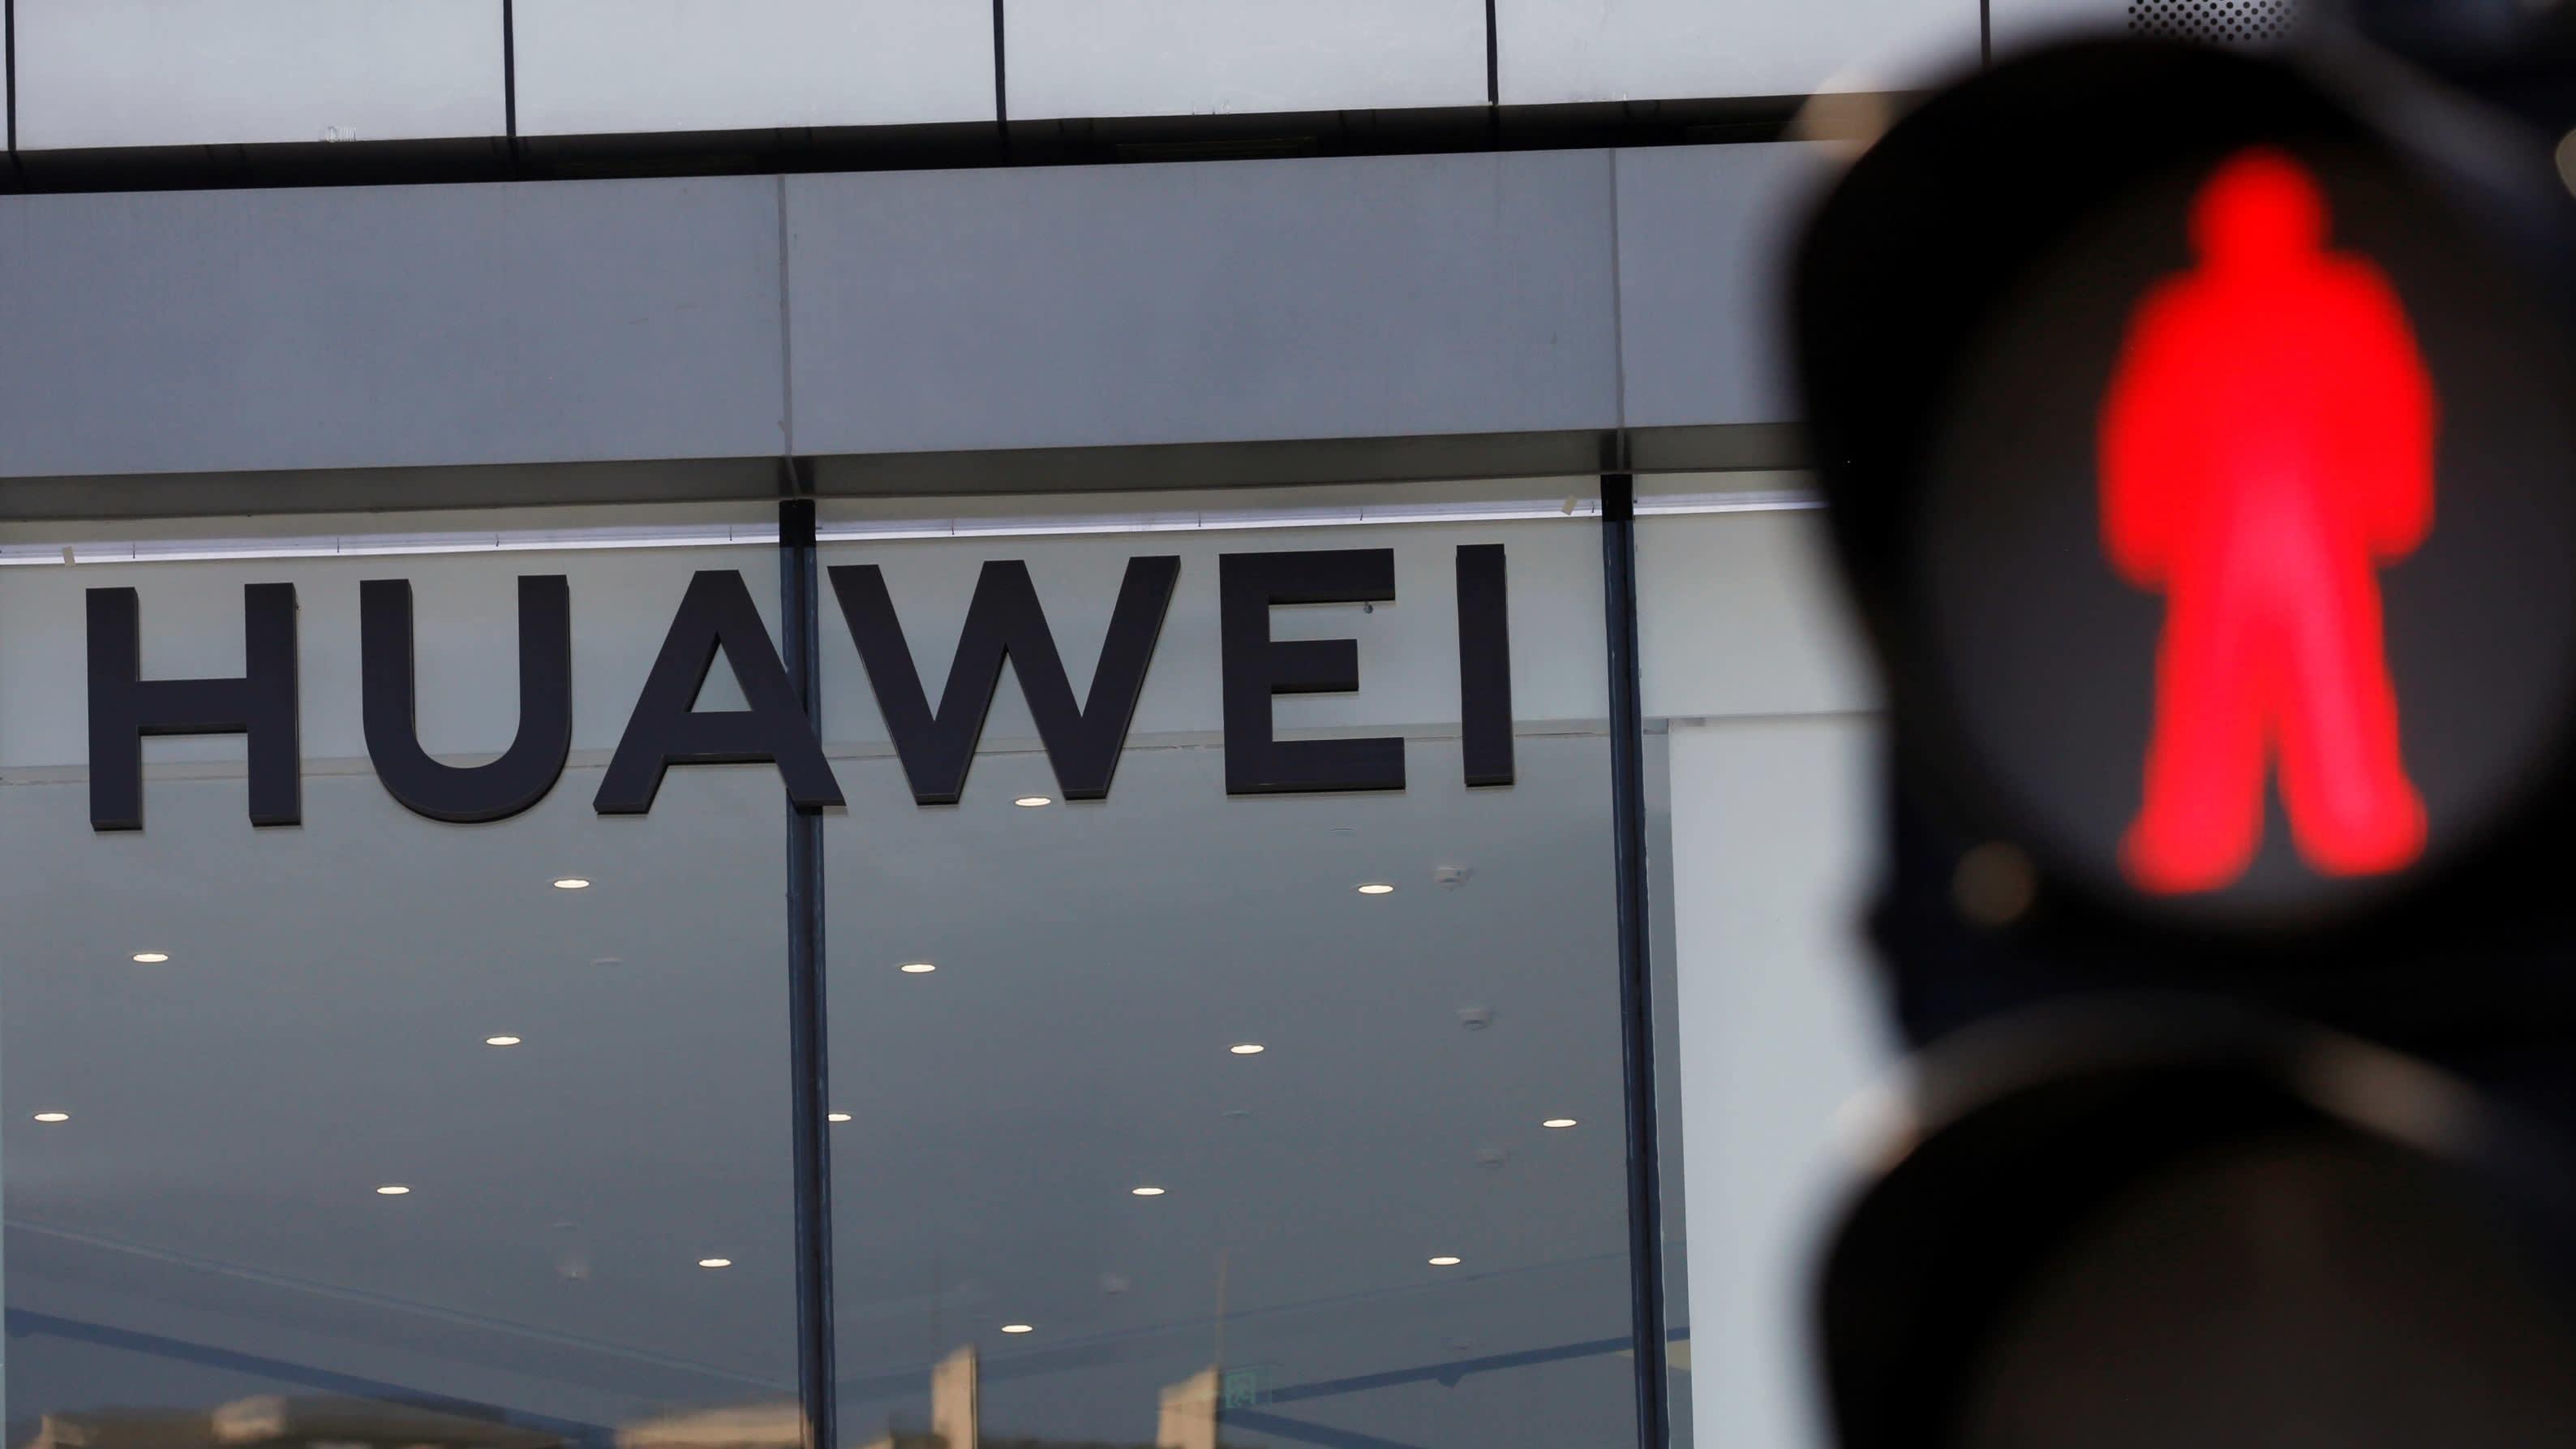 Huawei trước 'thời khắc sinh tử': Những cuộc gọi 4 giờ sáng không còn bất thường